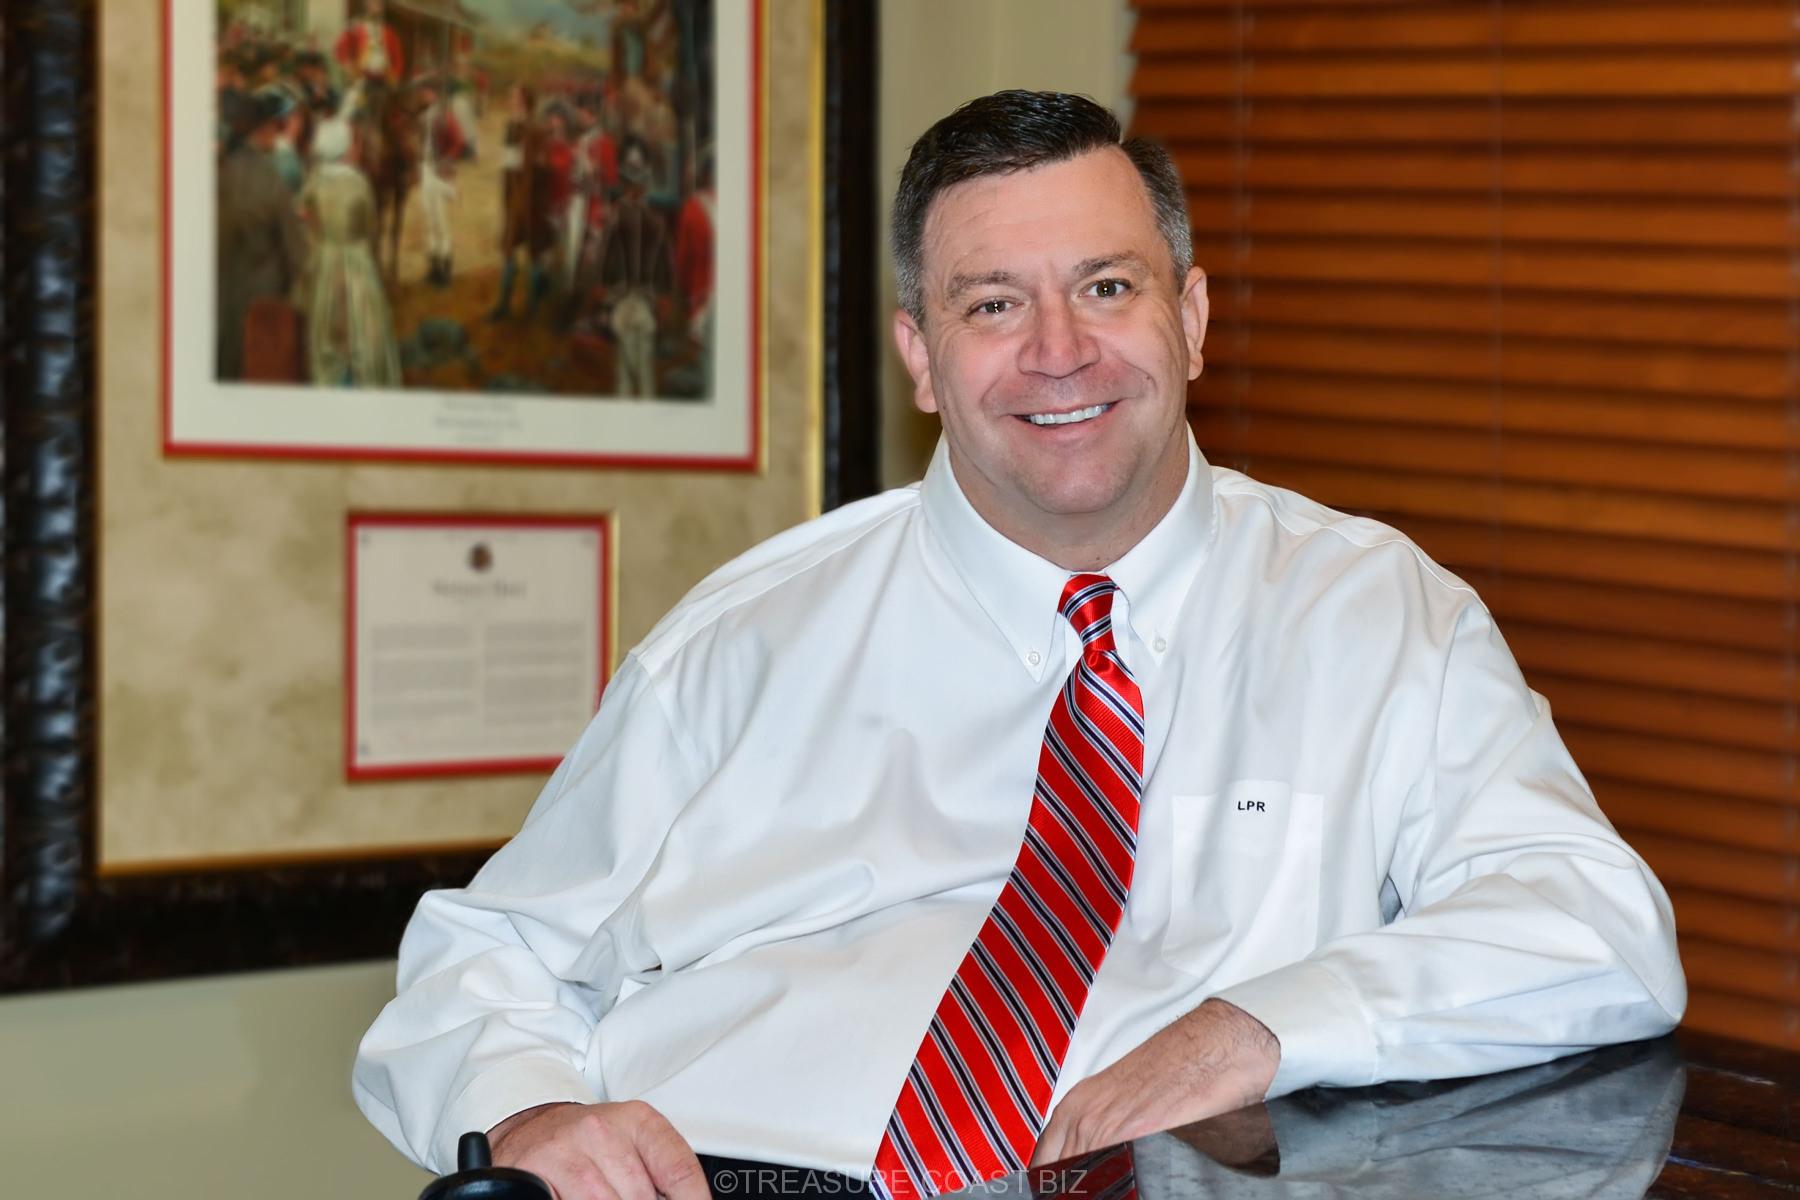 Lance P. Richard